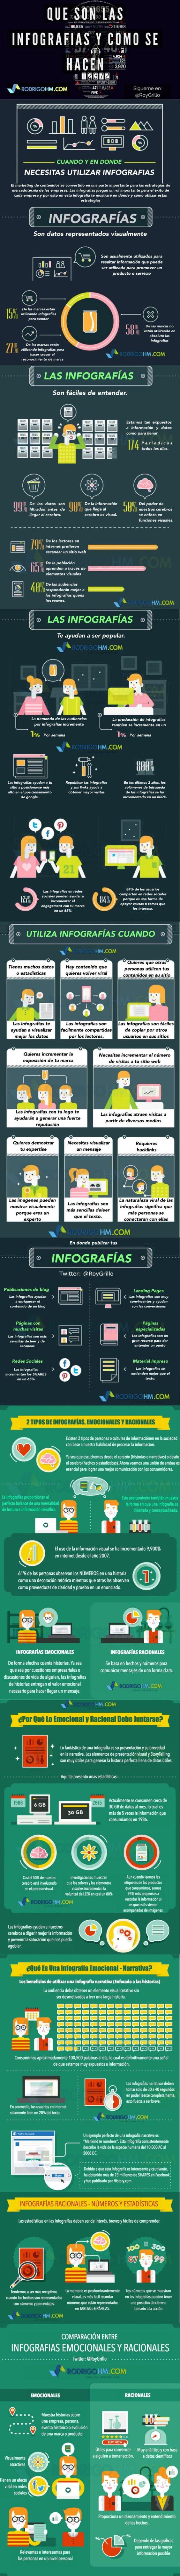 Todo sobre infografías: por qué son tan importantes para el marketing de contenidos, diferentes tipos y cómo hacer buenas infografías.